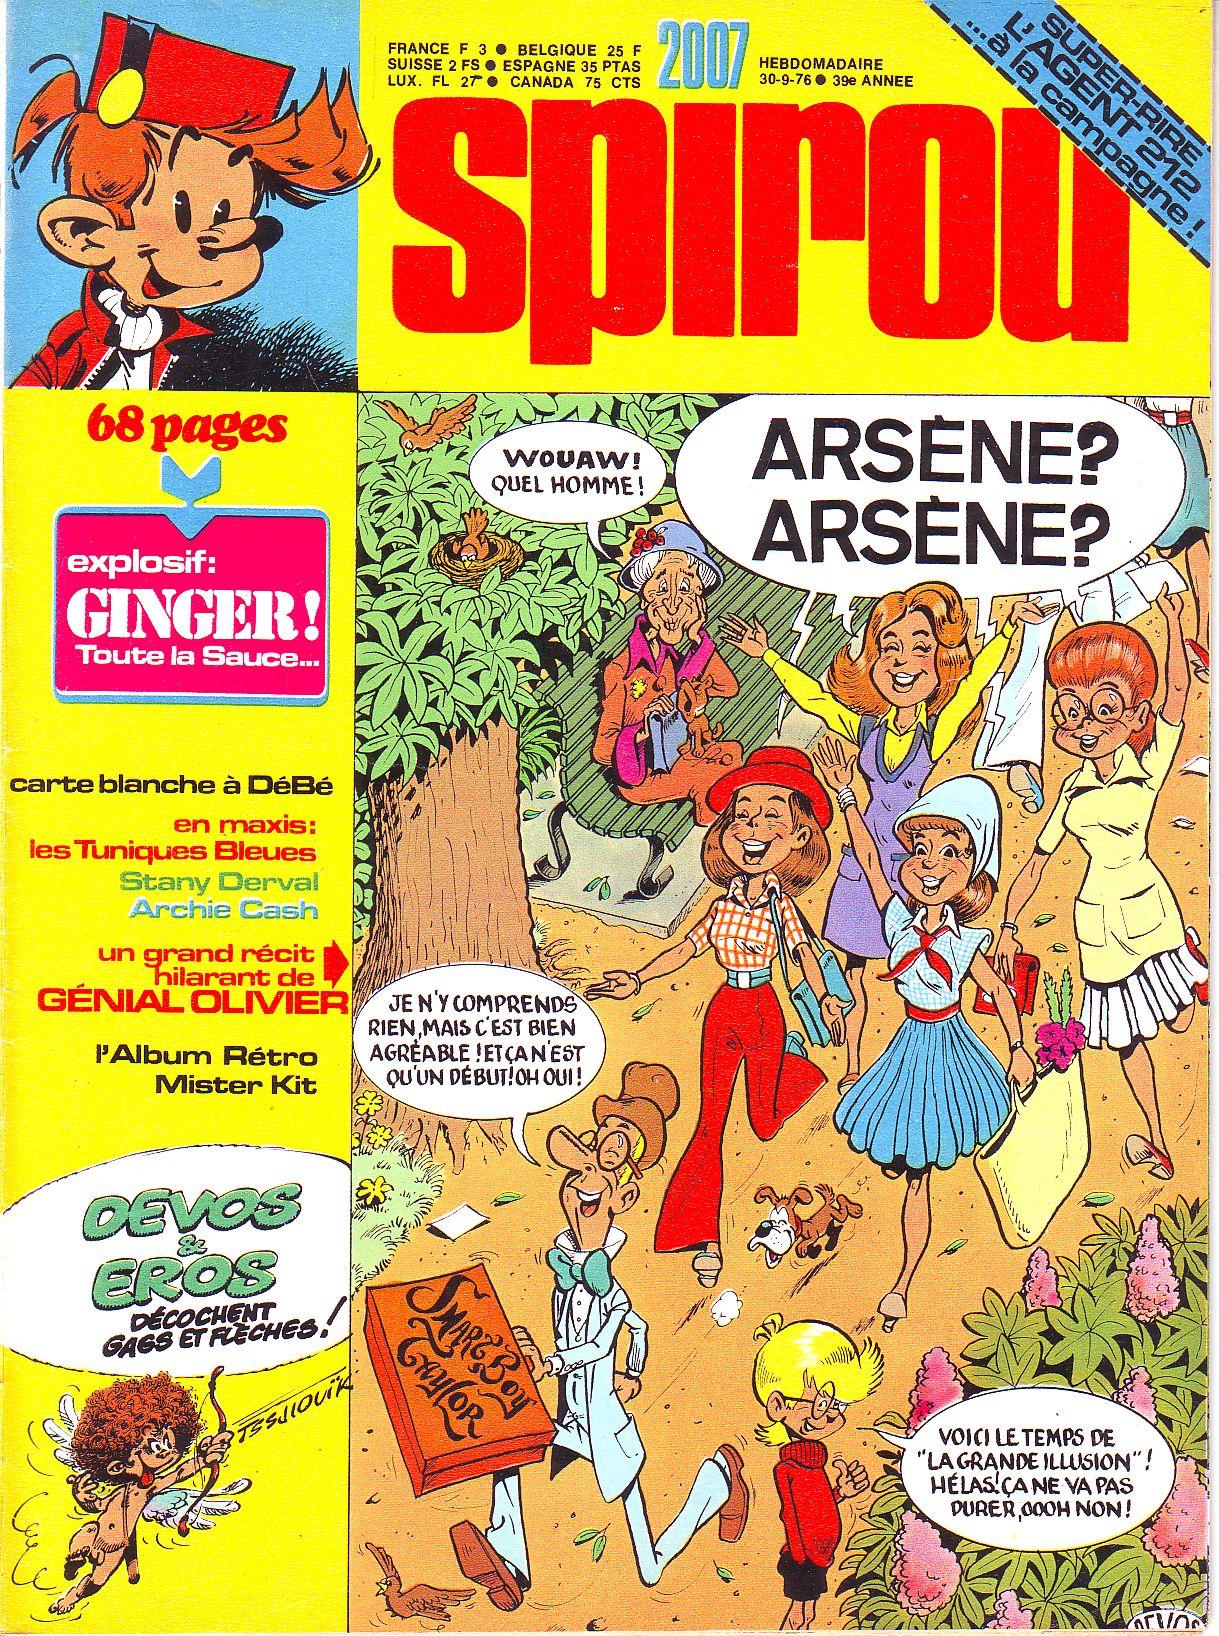 Le journal de Spirou 2007